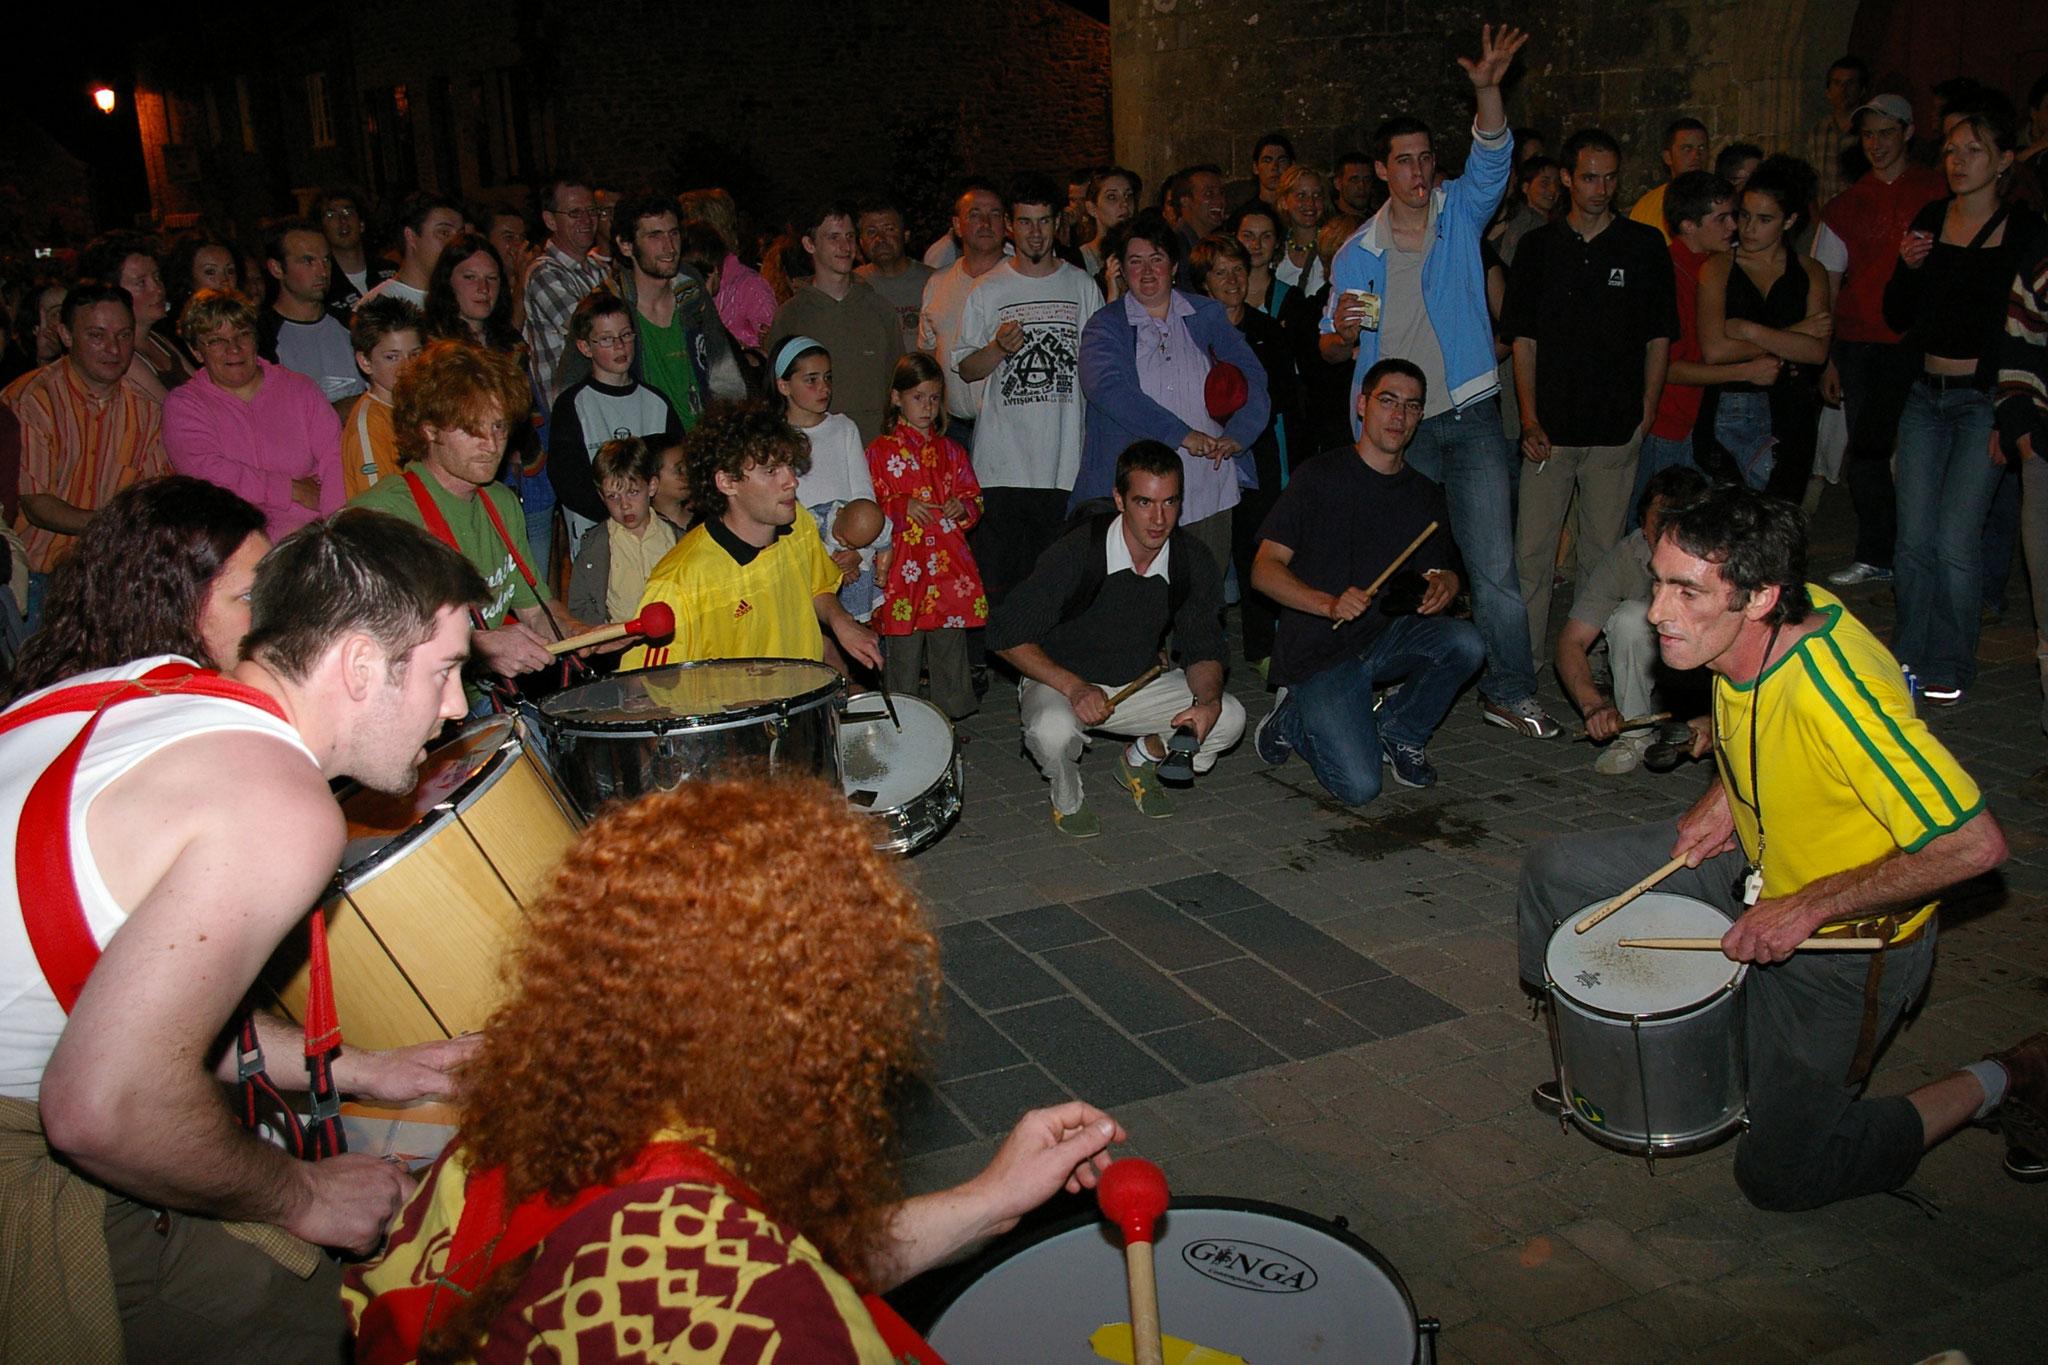 Fête de la musique de Le Guerno, 2006